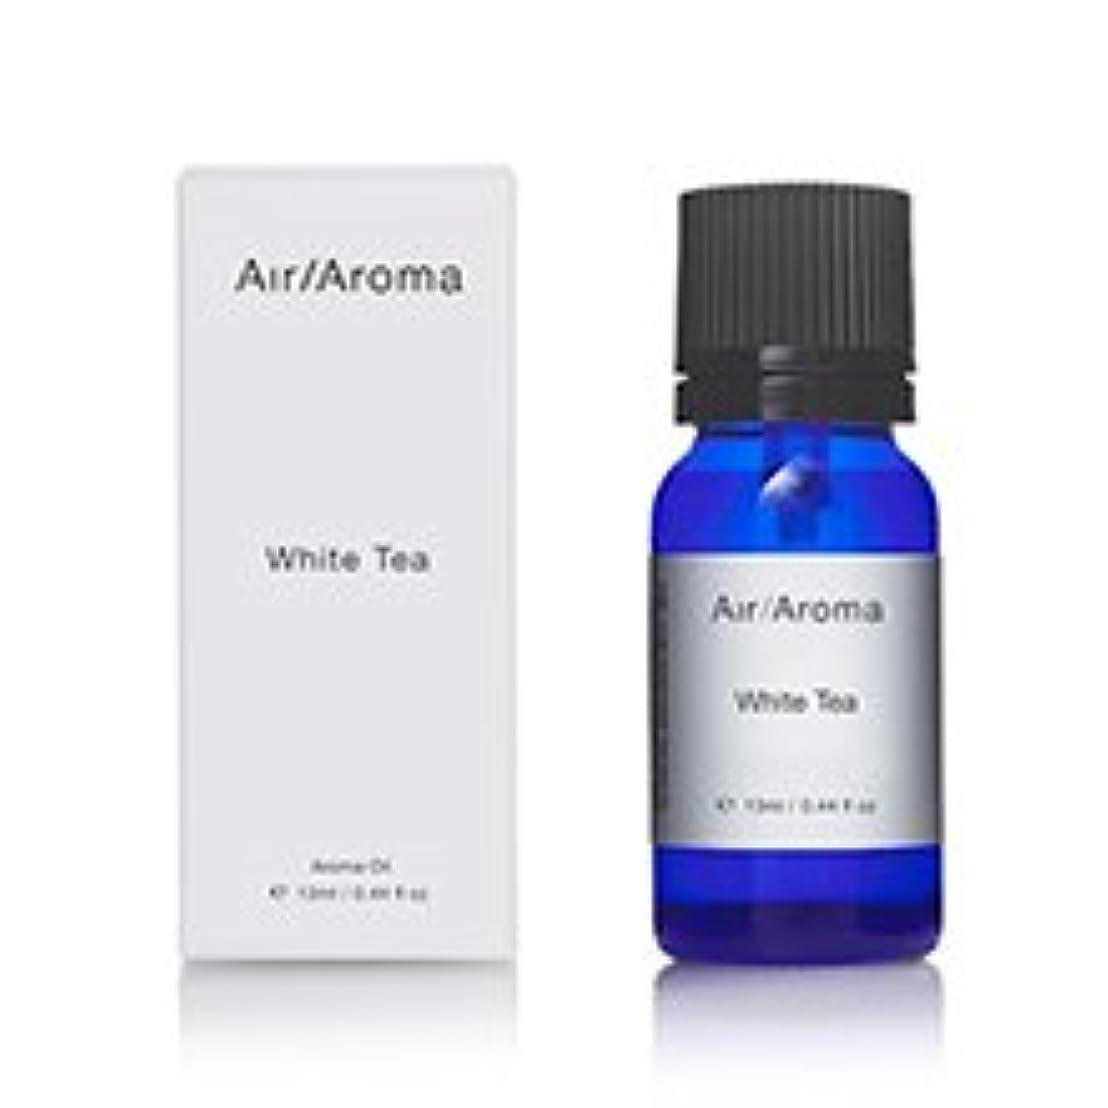 バングラデシュ投獄ホステルエアアロマ White Tea (ホワイトティー) 13ml